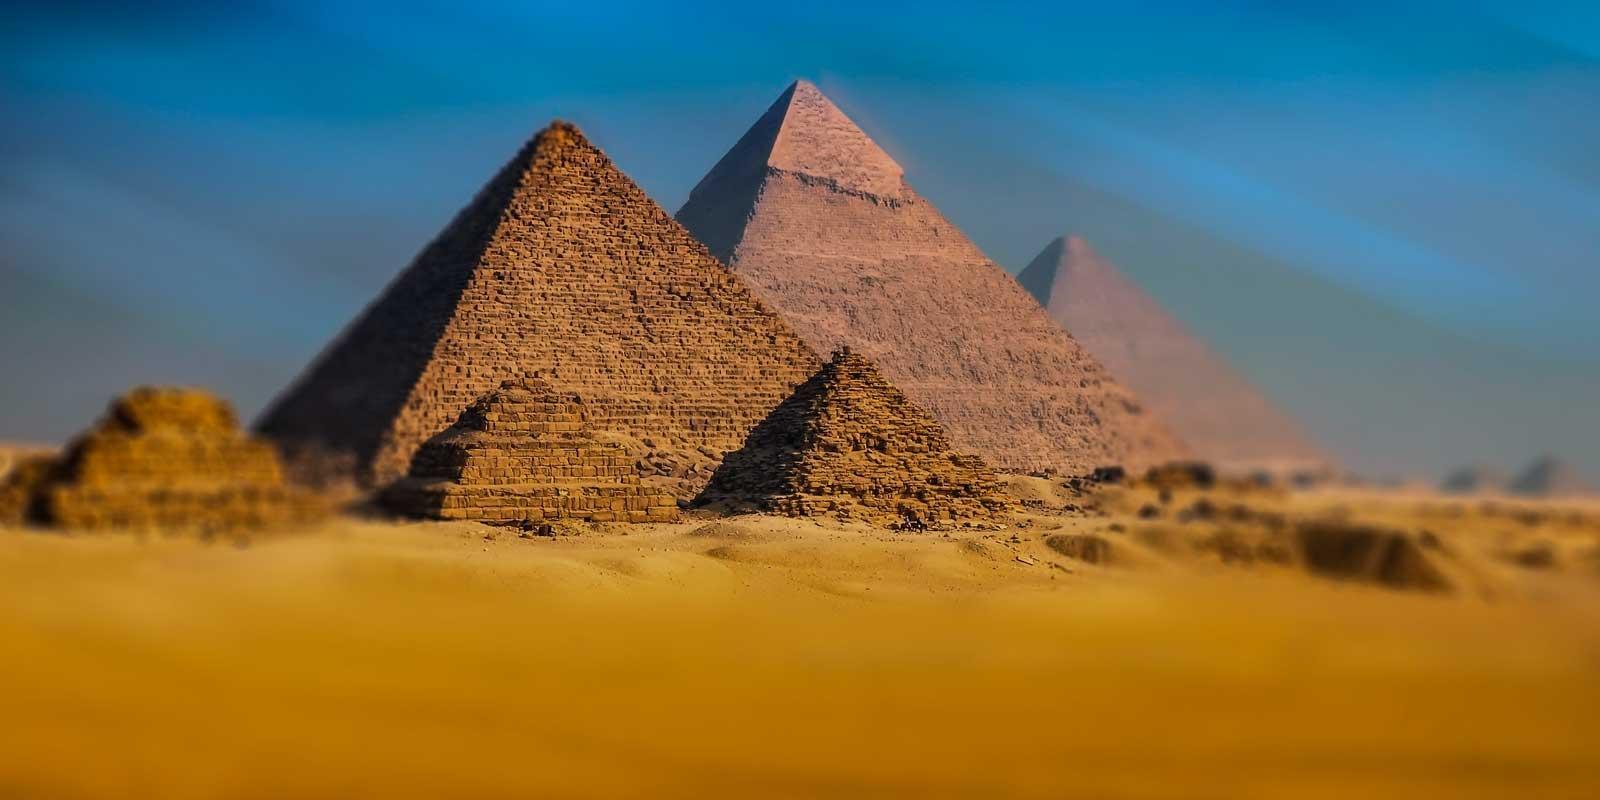 OCOA_TRAVEL_EGYPTO_2021_22